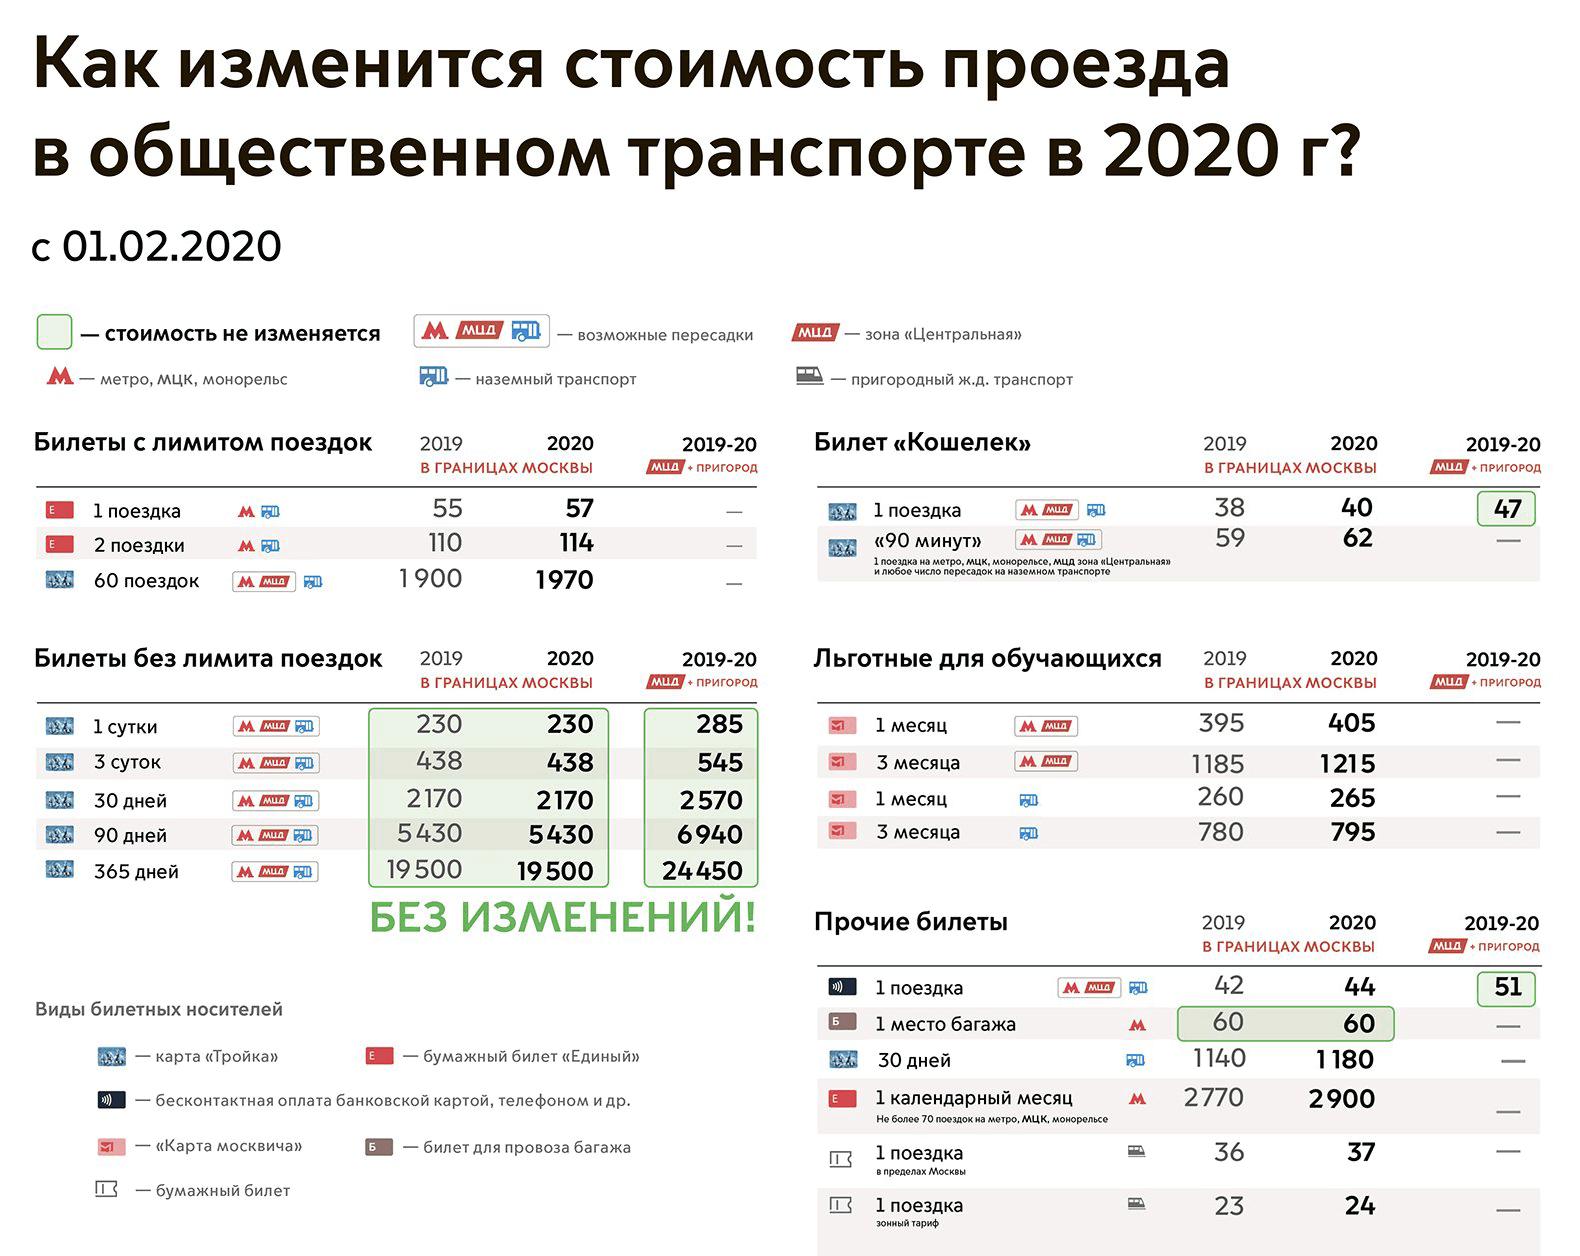 Изменение тарифов на городской транспорт в Москве с 2020года. Длястудентов цены выросли на 2,5%